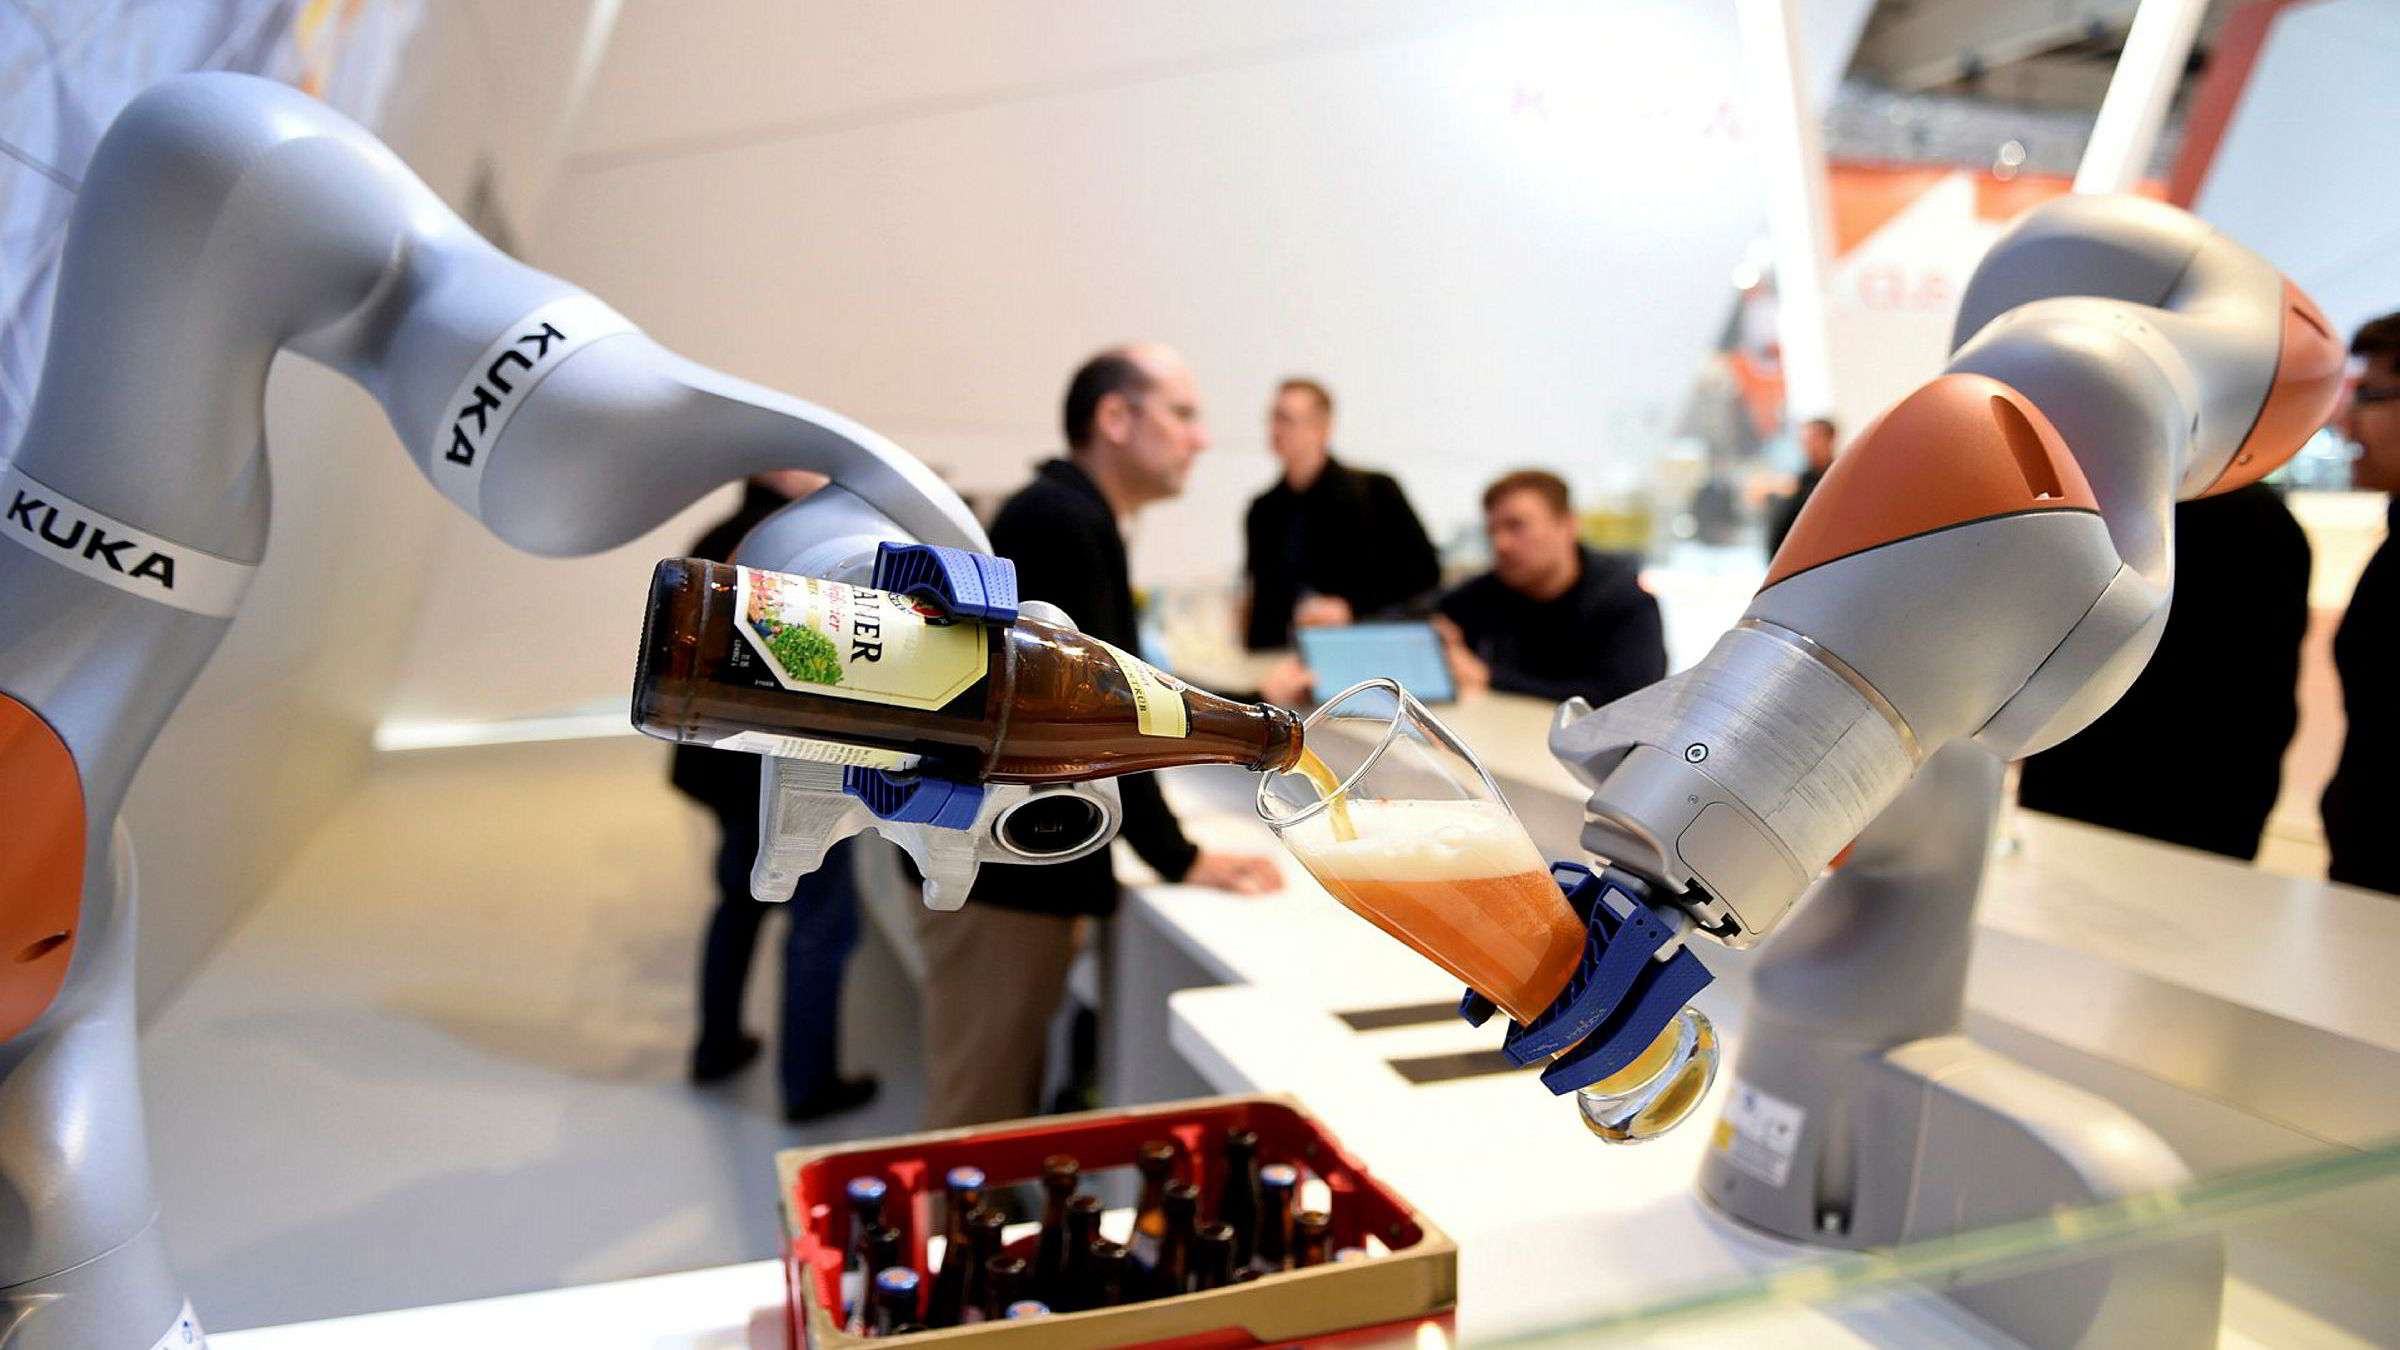 Japanske, tyske og kinesiske selskaper satser på økt bruk av roboter i produksjonen. Den tyske robotprodusenten Kuka, er i ferd med å bli kjøpt av et kinesisk selskap. Her serverer en Kuka-robot øl under industrimessen i Hanover i 2016.